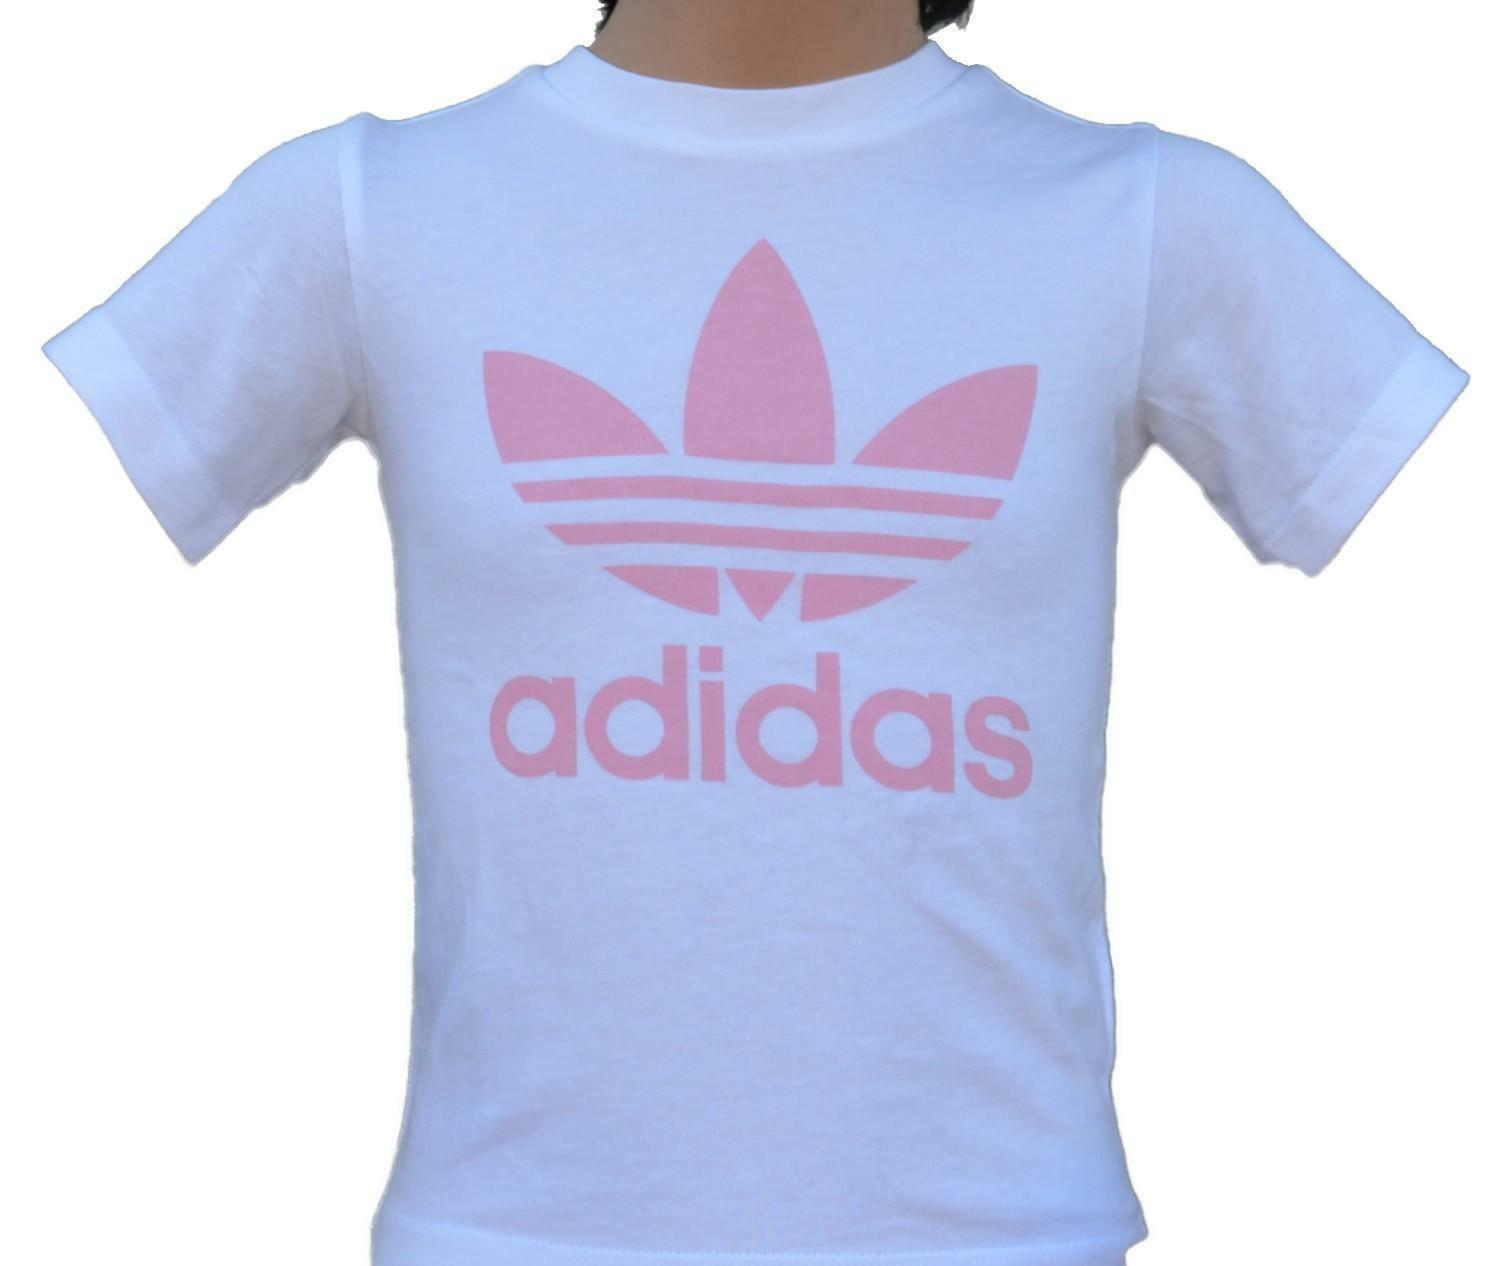 Asesorar vértice Venta ambulante  camiseta adidas rosa y blanca Off 67% - gupteshworcave.com.np